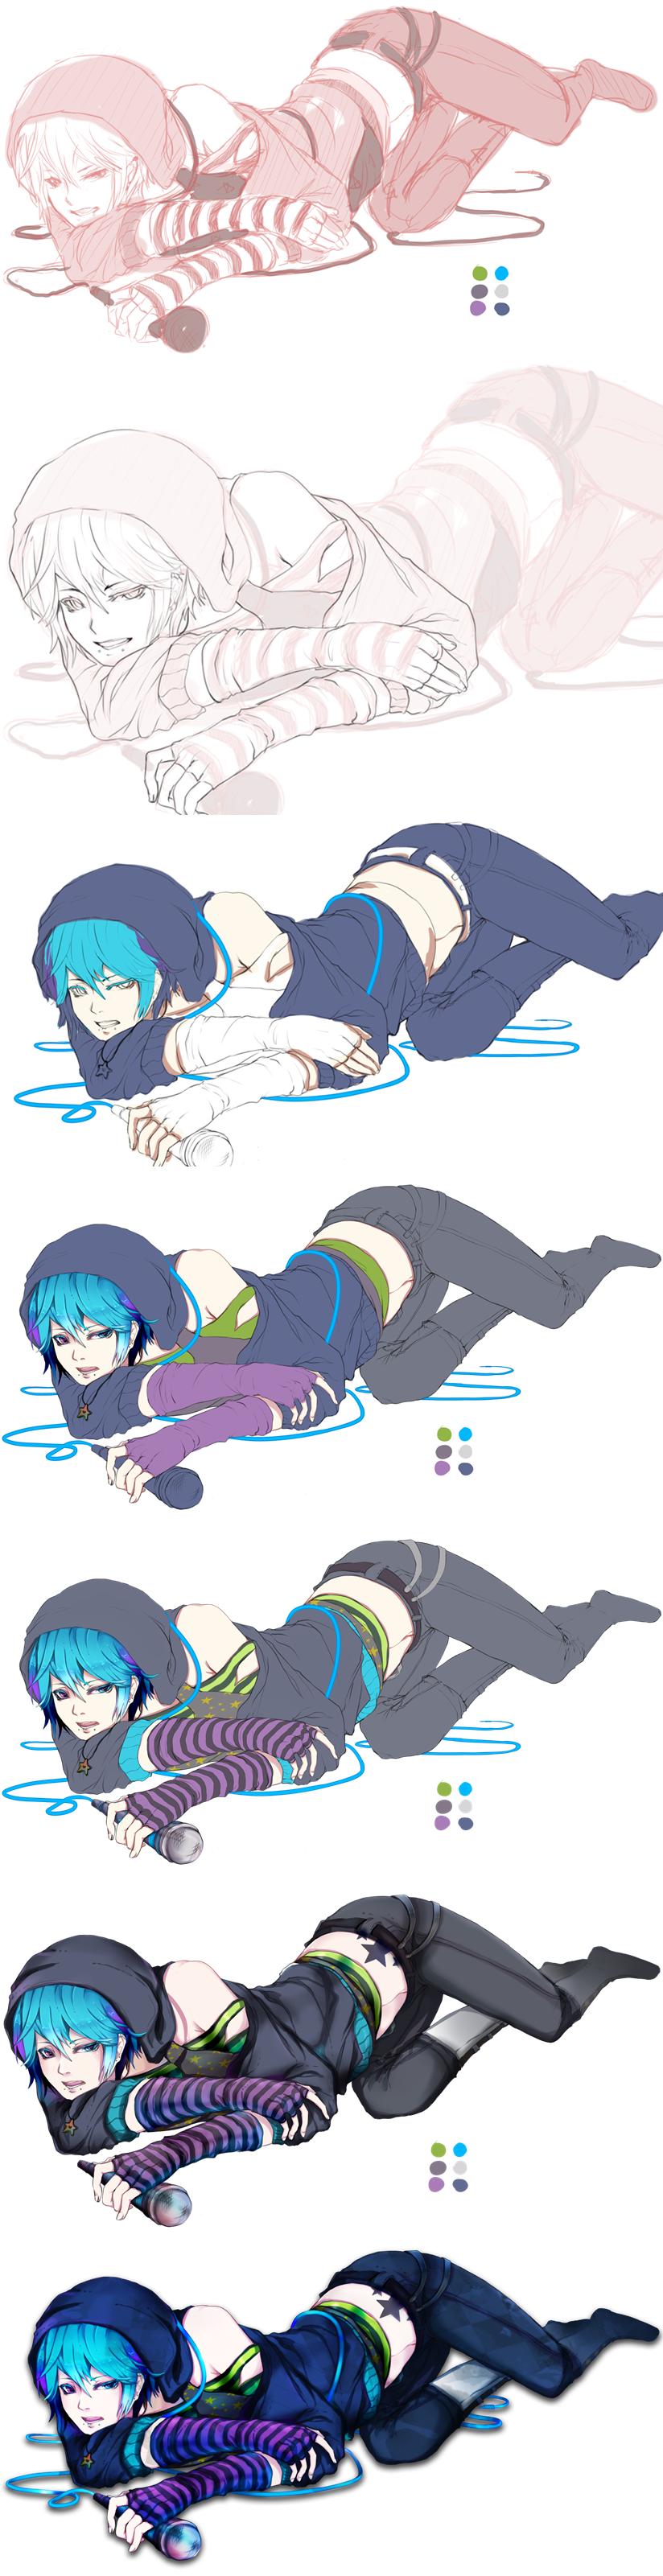 Art process 2 by tori-ru